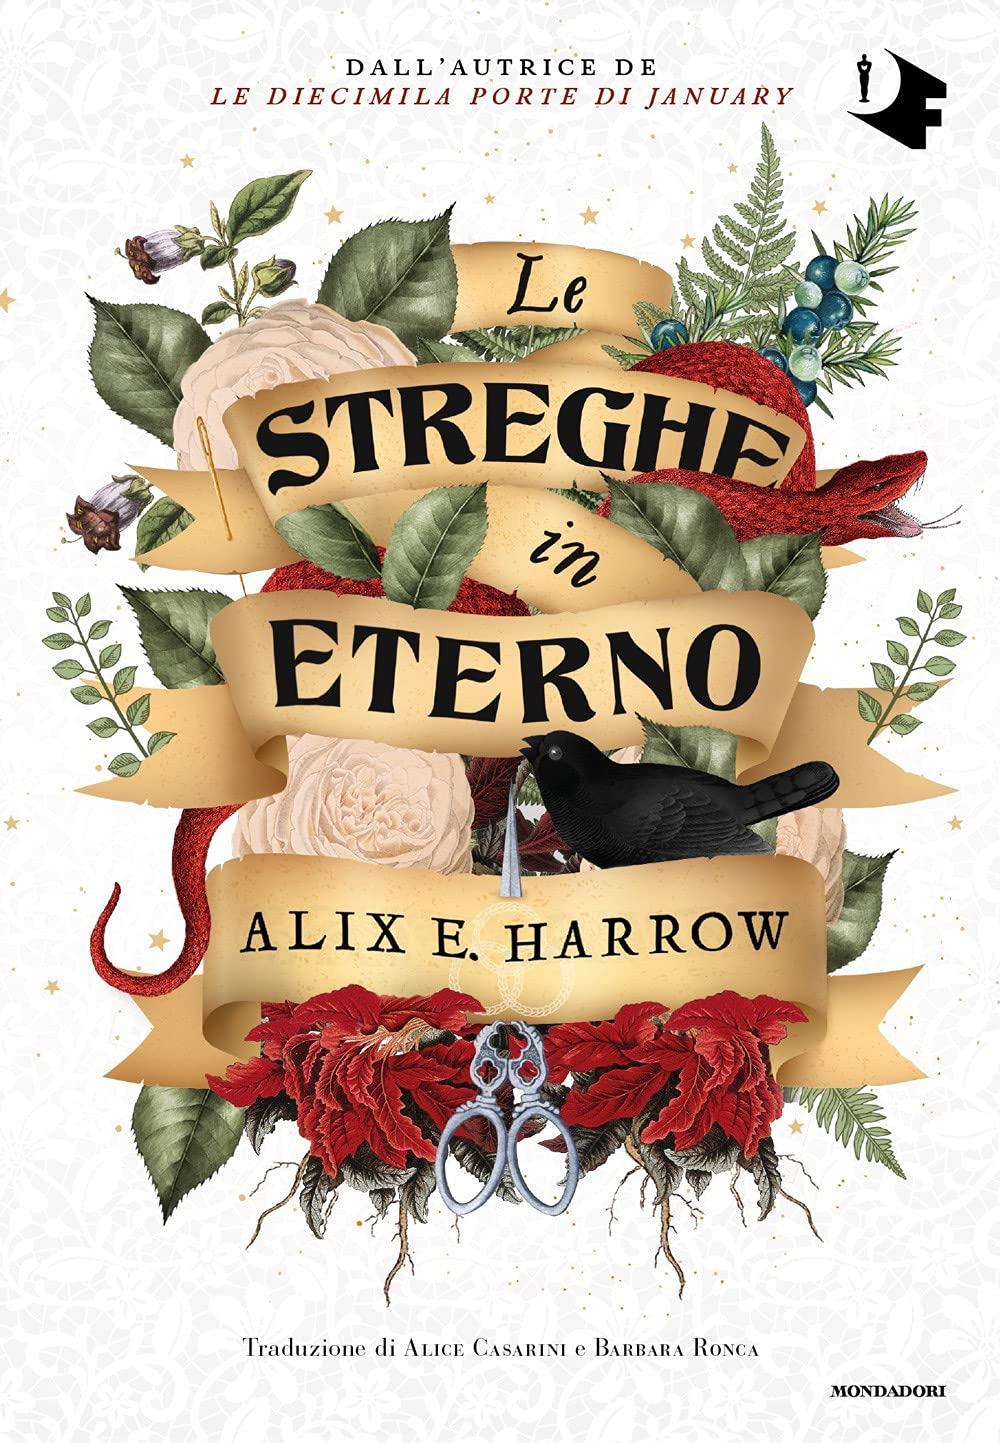 Le streghe in eterno di Alix E. Harrow